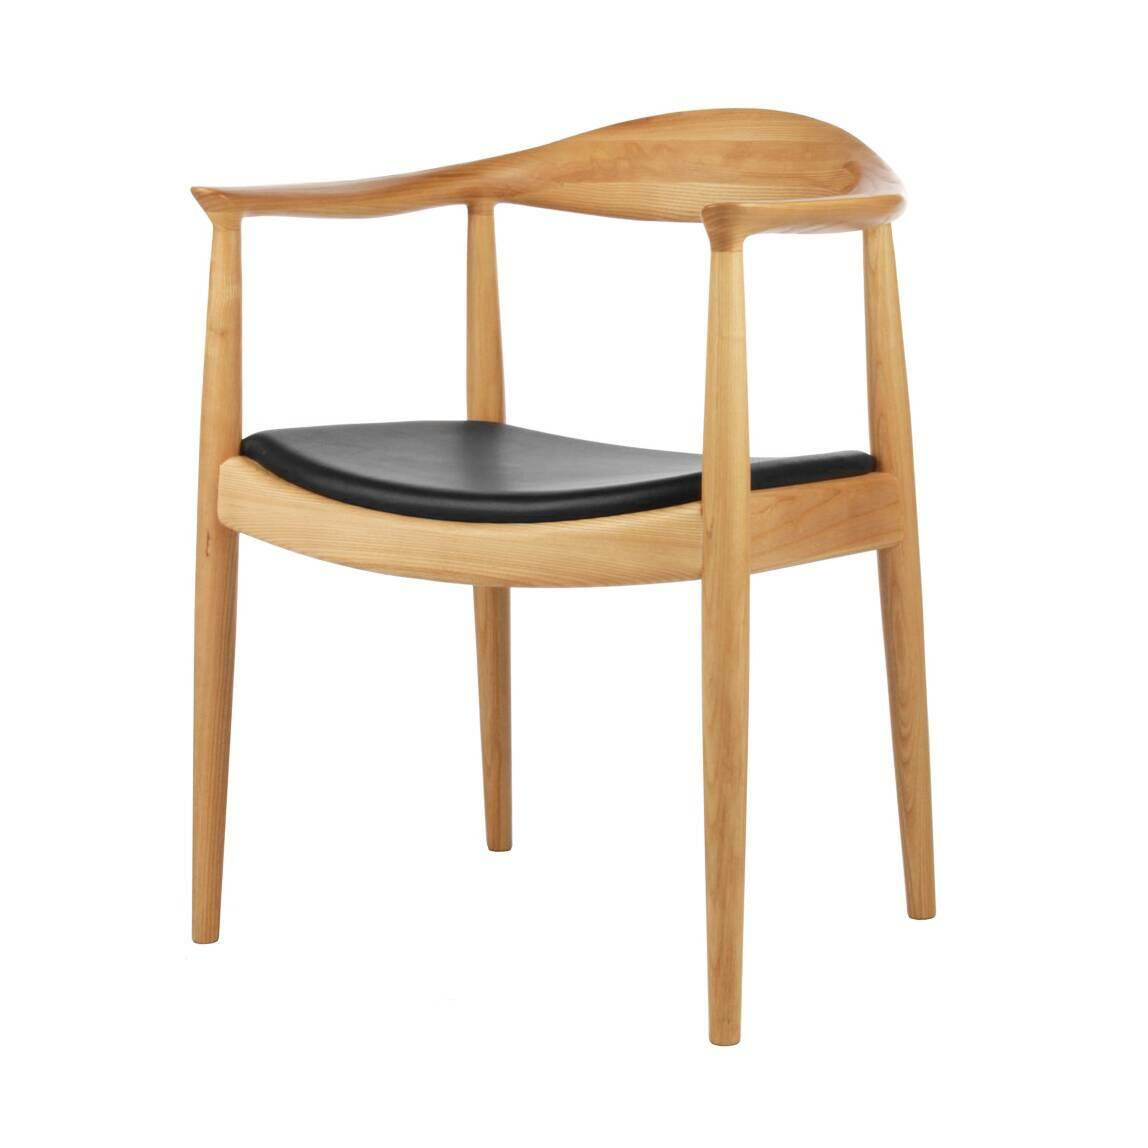 Стул KennedyИнтерьерные<br>Дизайнерский деревянный стул Kennedy (Кеннеди) с низкой спинкой и кожаным сиденьем от Cosmo (Космо).<br><br>     Почувствуйте себя тридцать пятым президентом США Джоном Кеннеди во время жарких предвыборных дебатов с соперником Ричардом Никсоном в прямом эфире канала CBS в 1960 году! Именно на деревянном стуле с сиденьем из зернистой кожи от Ханса Вегнера сидел тогда президент. Гарнитур из 12 стульев привезли из-за океана специально для этого случая, а выбрали их за немаркую элегантность и комфорт...<br><br>stock: 0<br>Высота: 76,5<br>Высота сиденья: 43<br>Ширина: 63<br>Глубина: 51,5<br>Материал каркаса: Массив ясеня<br>Тип материала каркаса: Дерево<br>Цвет сидения: Черный<br>Тип материала сидения: Кожа<br>Коллекция ткани: Standart Leather<br>Цвет каркаса: Светло-коричневый